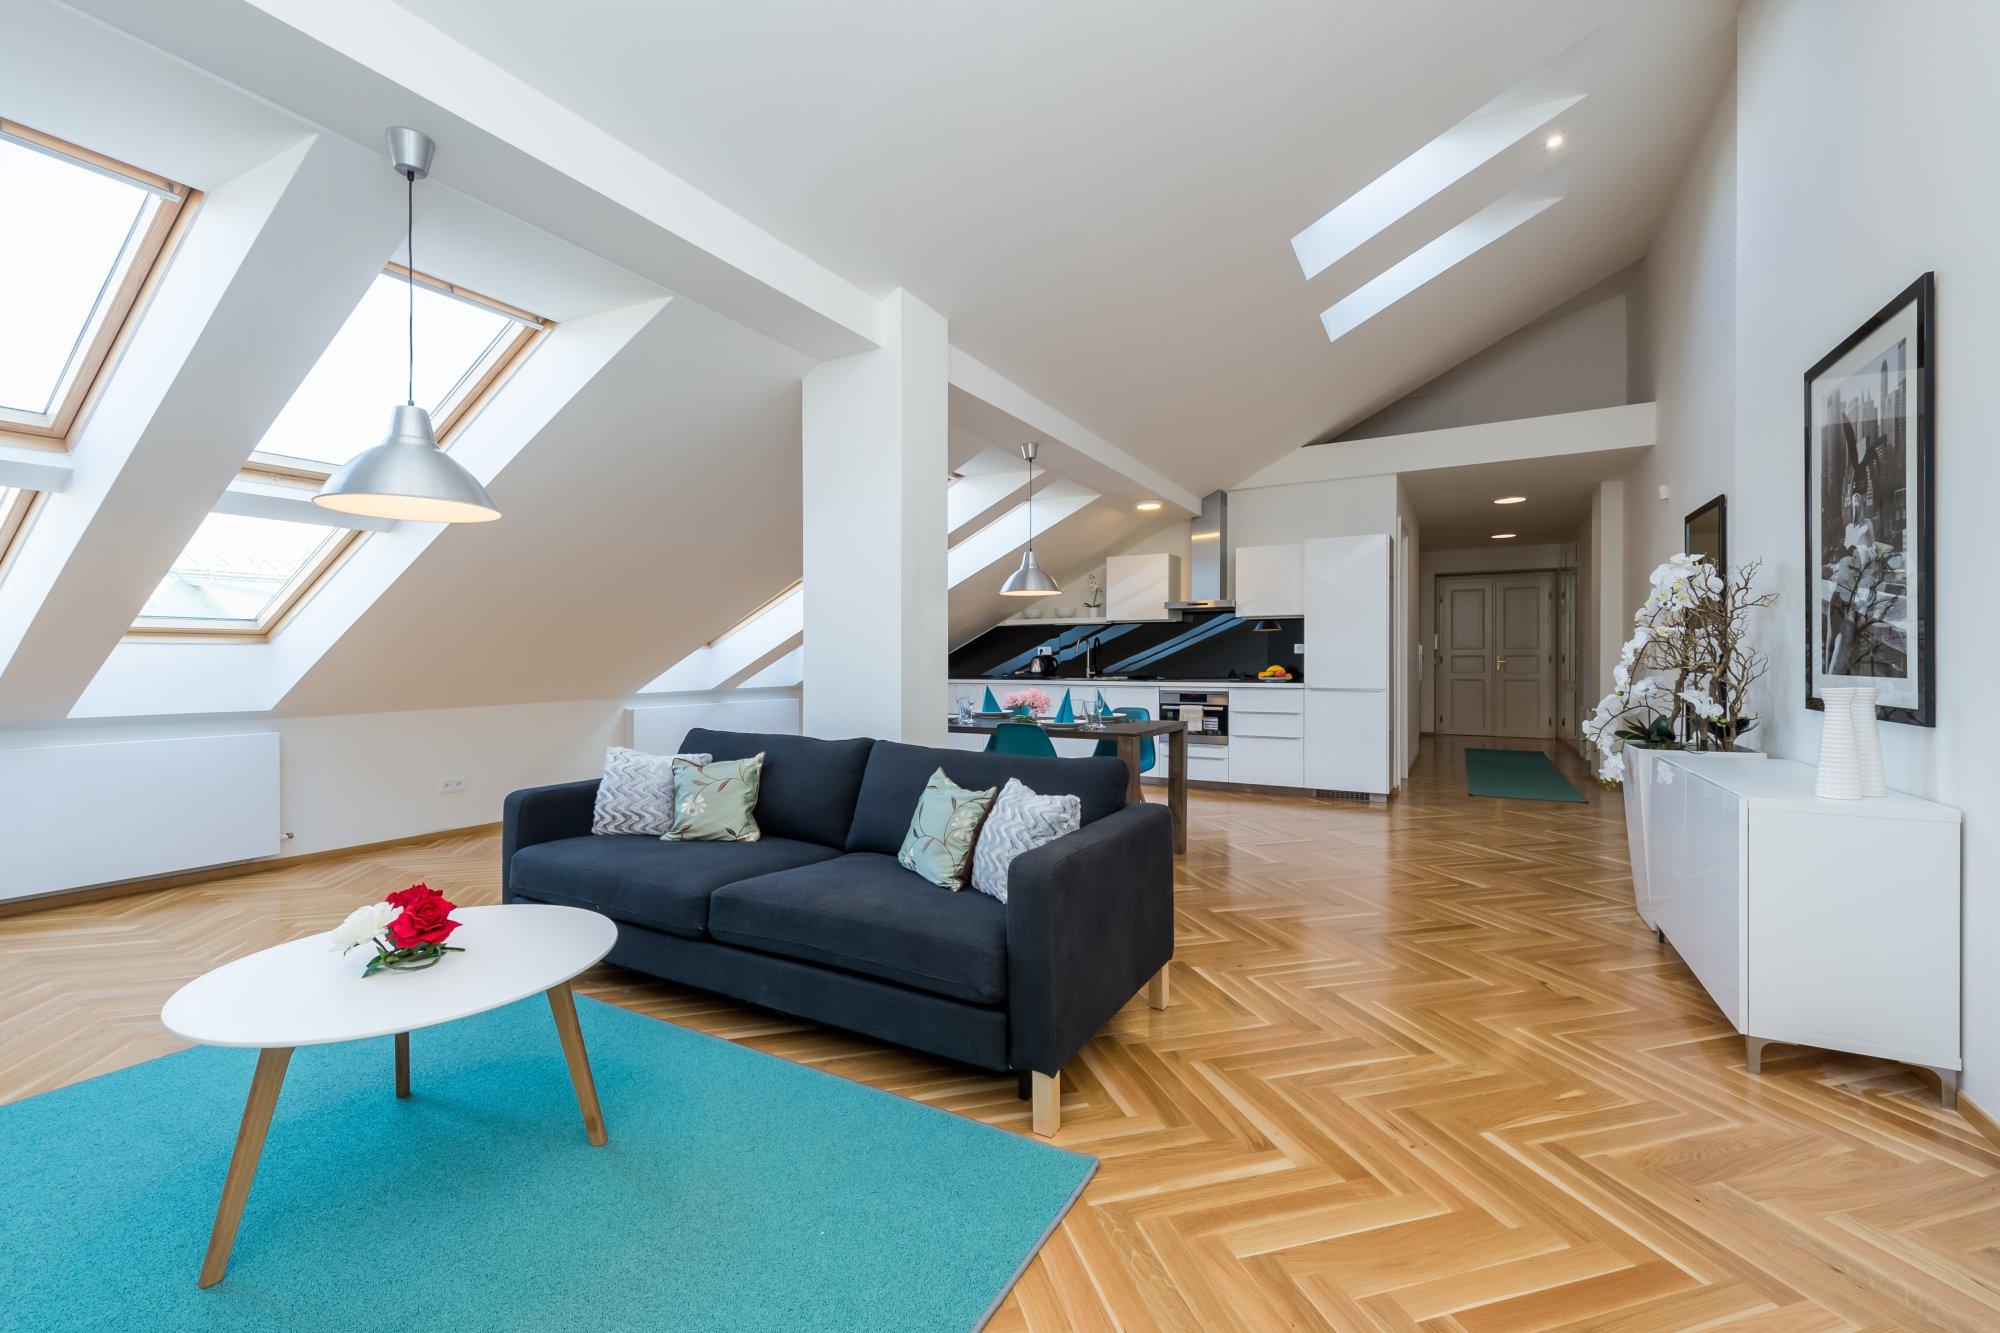 Půdní byt 2+kk, plocha 95 m², ulice U Bulhara, Praha 1 - Nové Město | 1